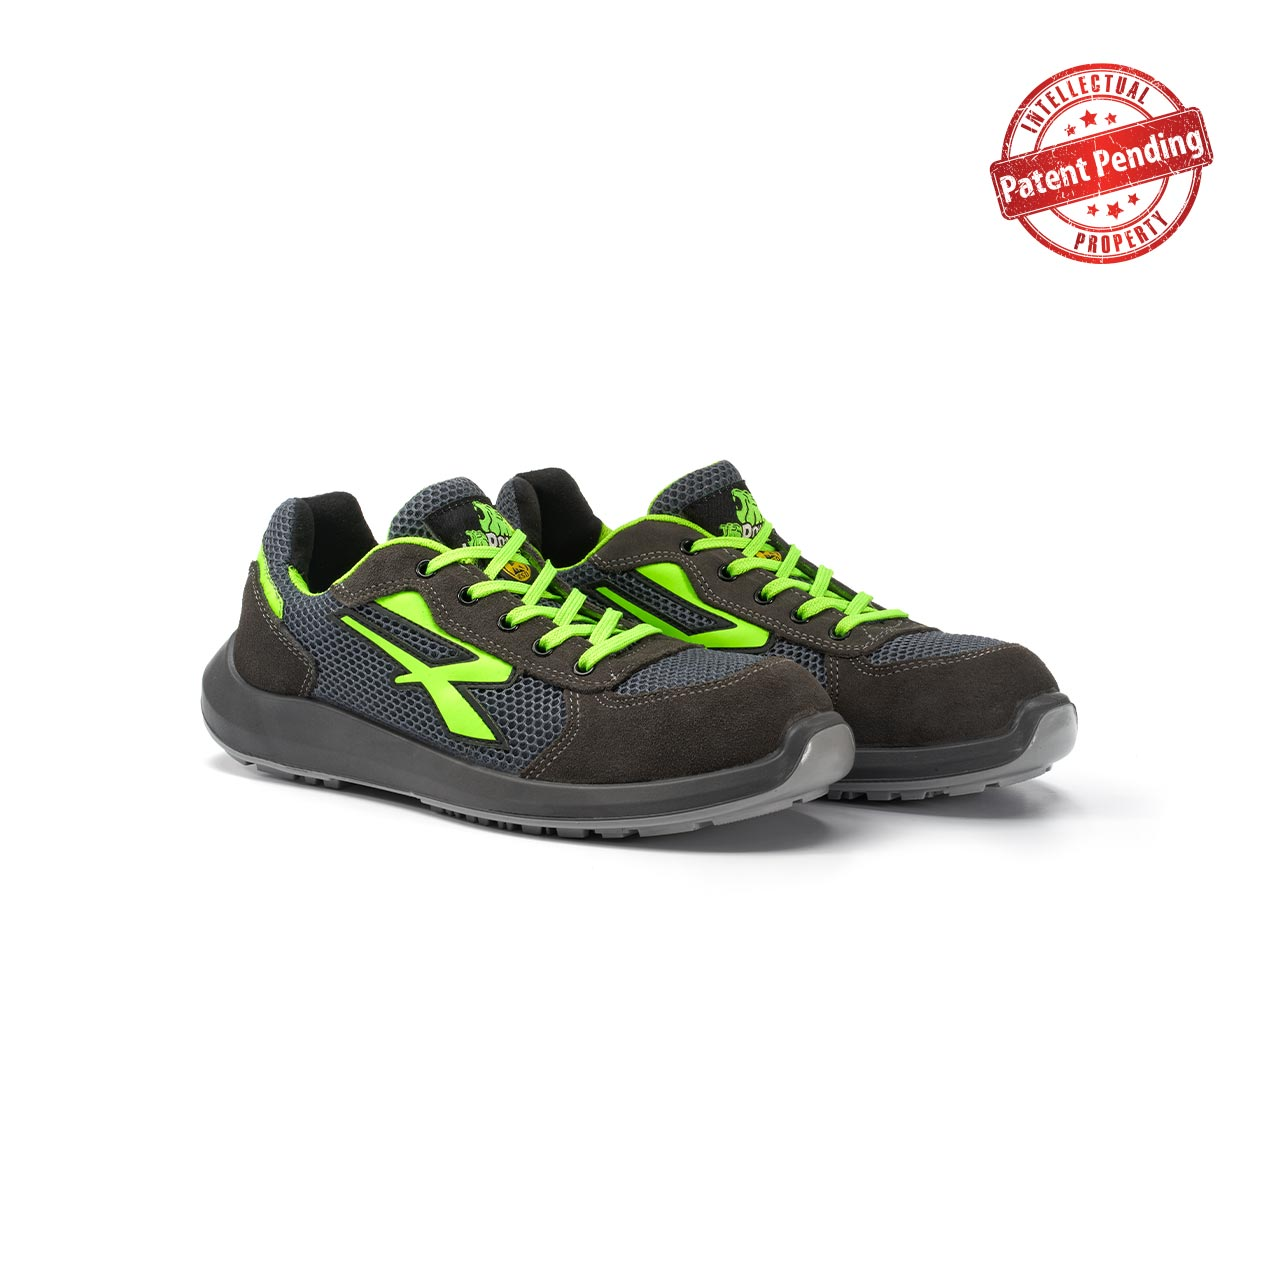 paio di scarpe antinfortunistiche upower modello gemini linea redup vista prospettica